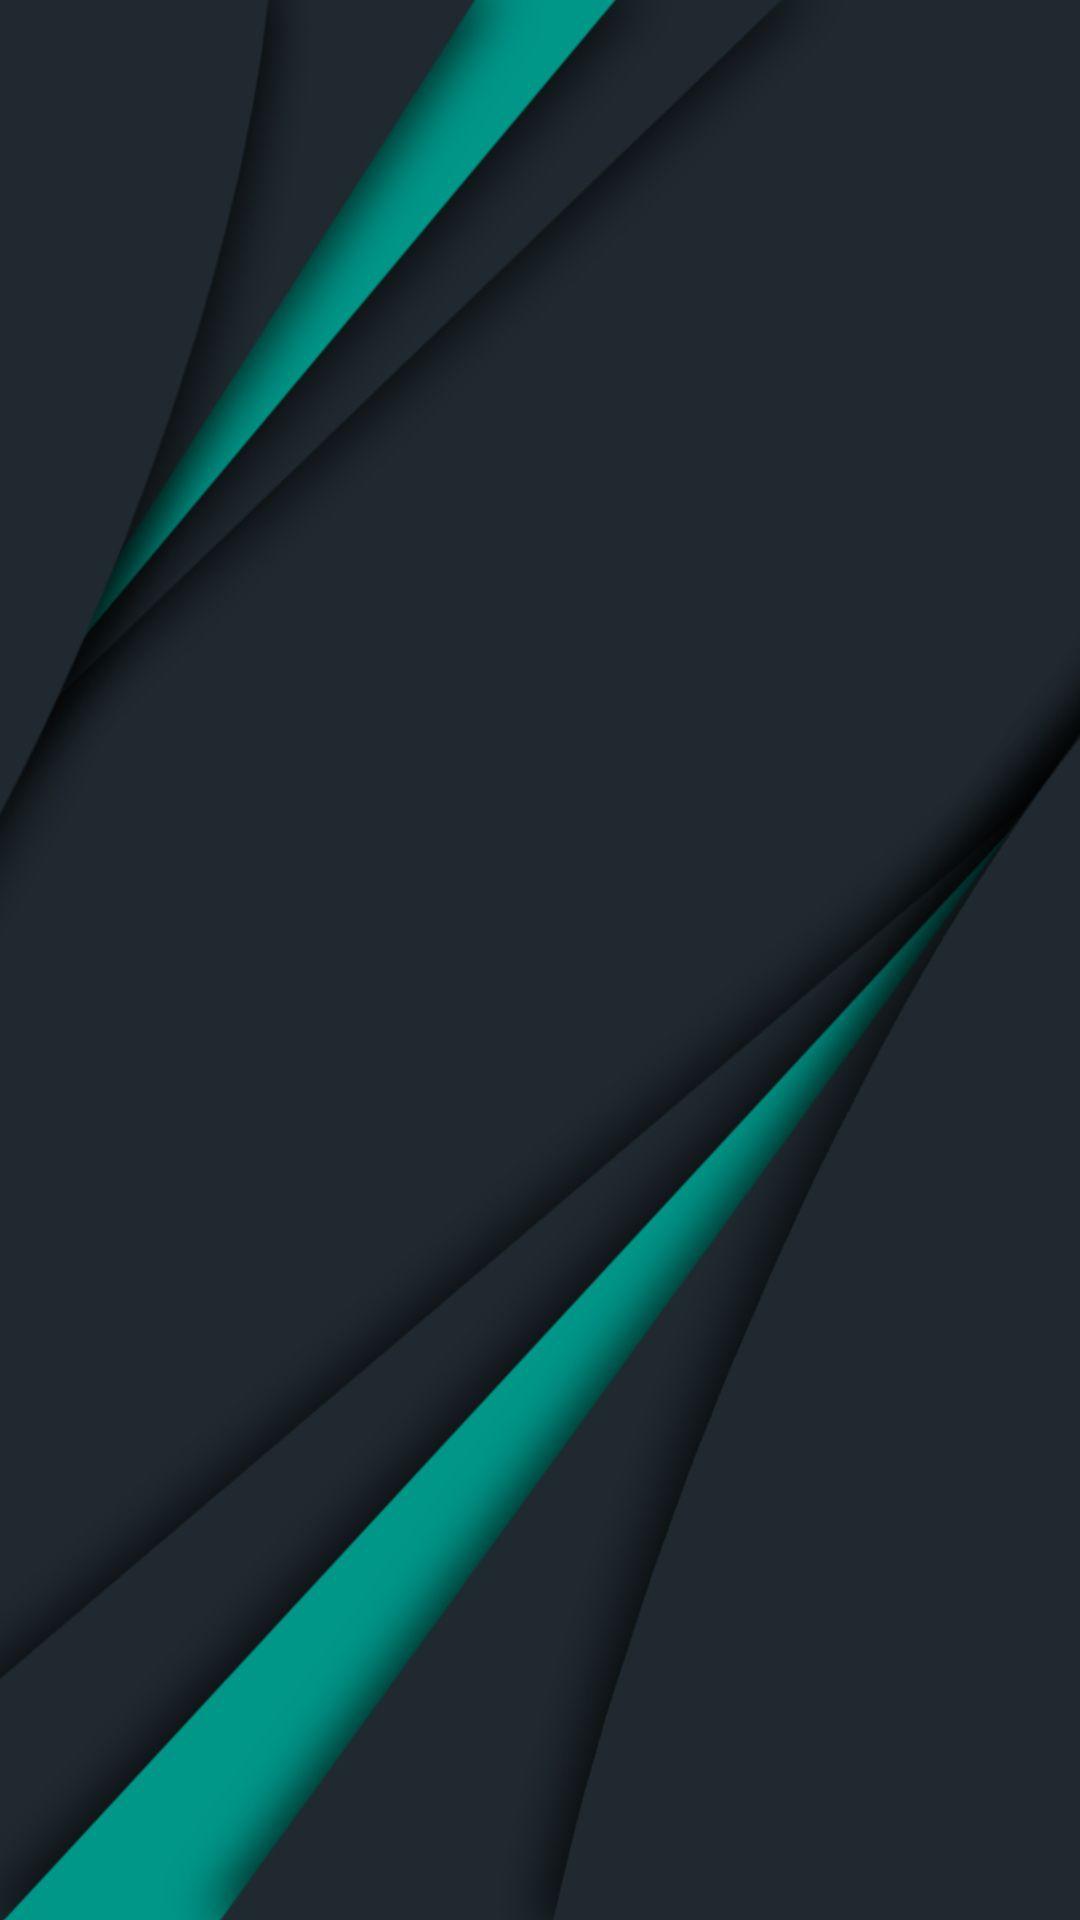 httpwwwvactualpaperscomgalleryabstractdesign